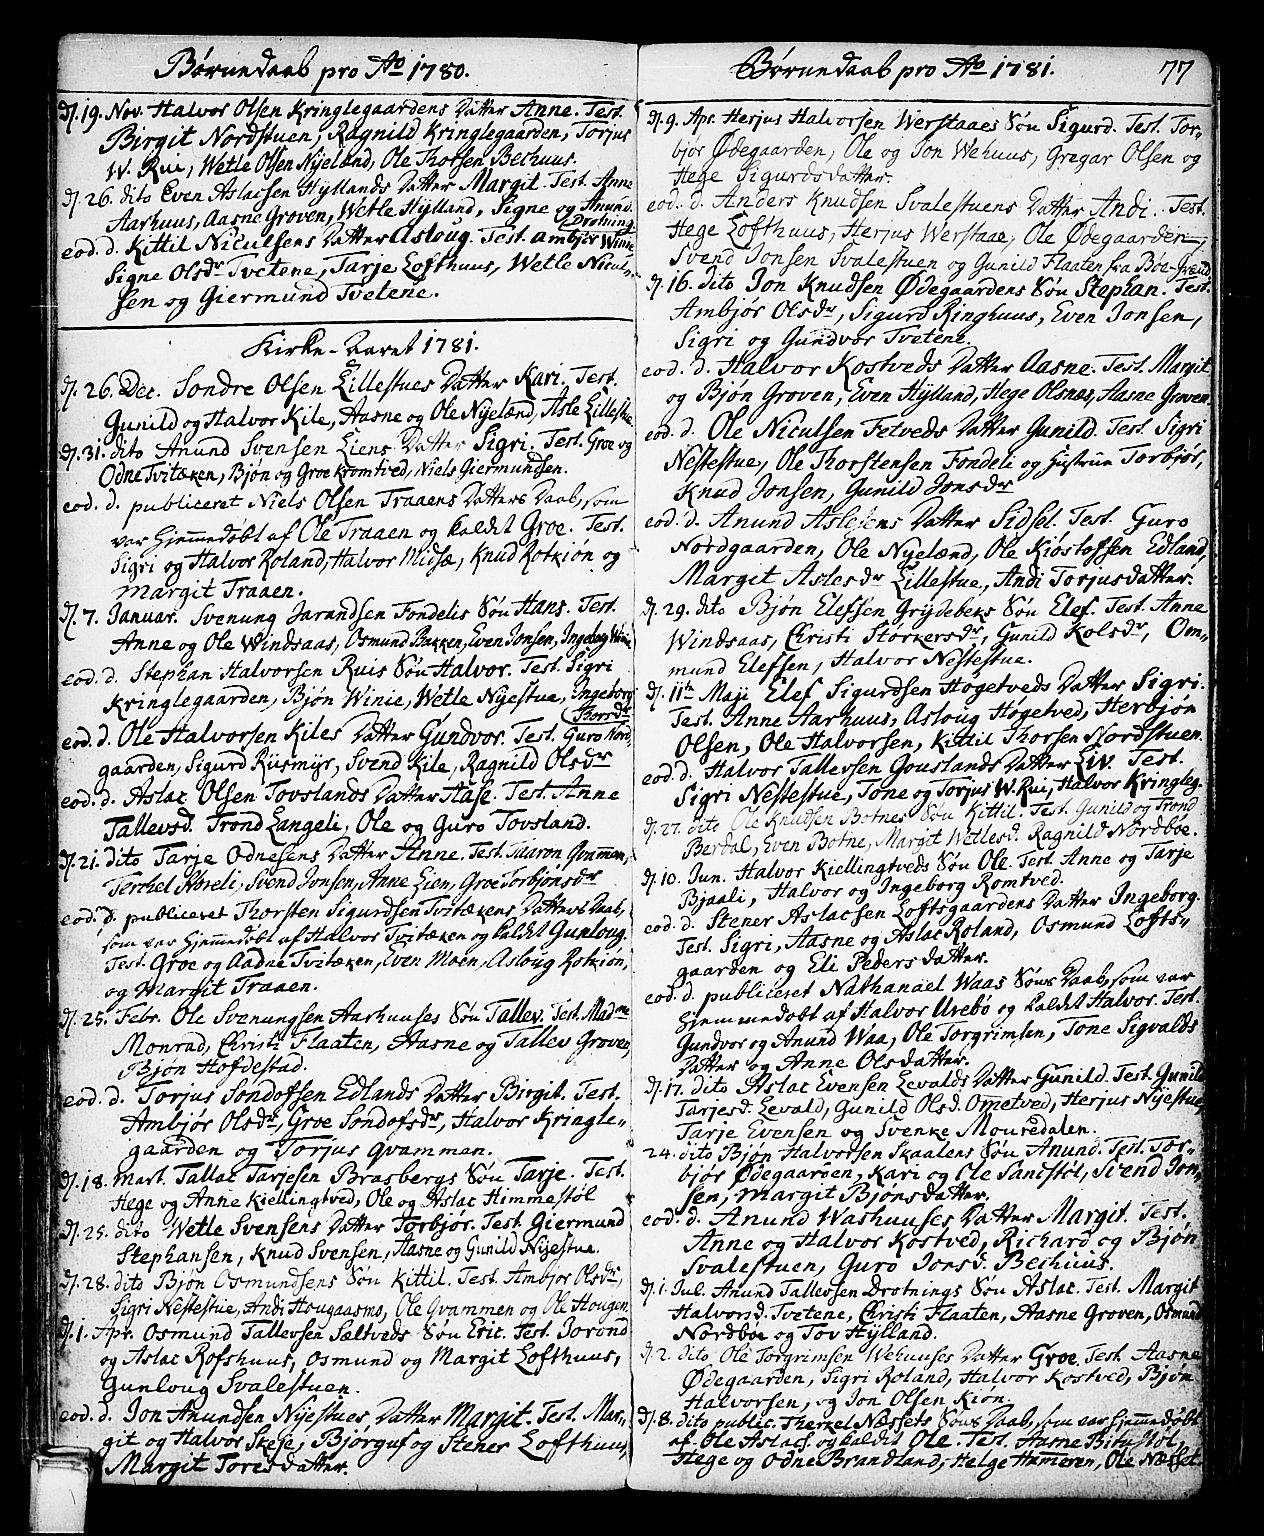 SAKO, Vinje kirkebøker, F/Fa/L0002: Ministerialbok nr. I 2, 1767-1814, s. 77